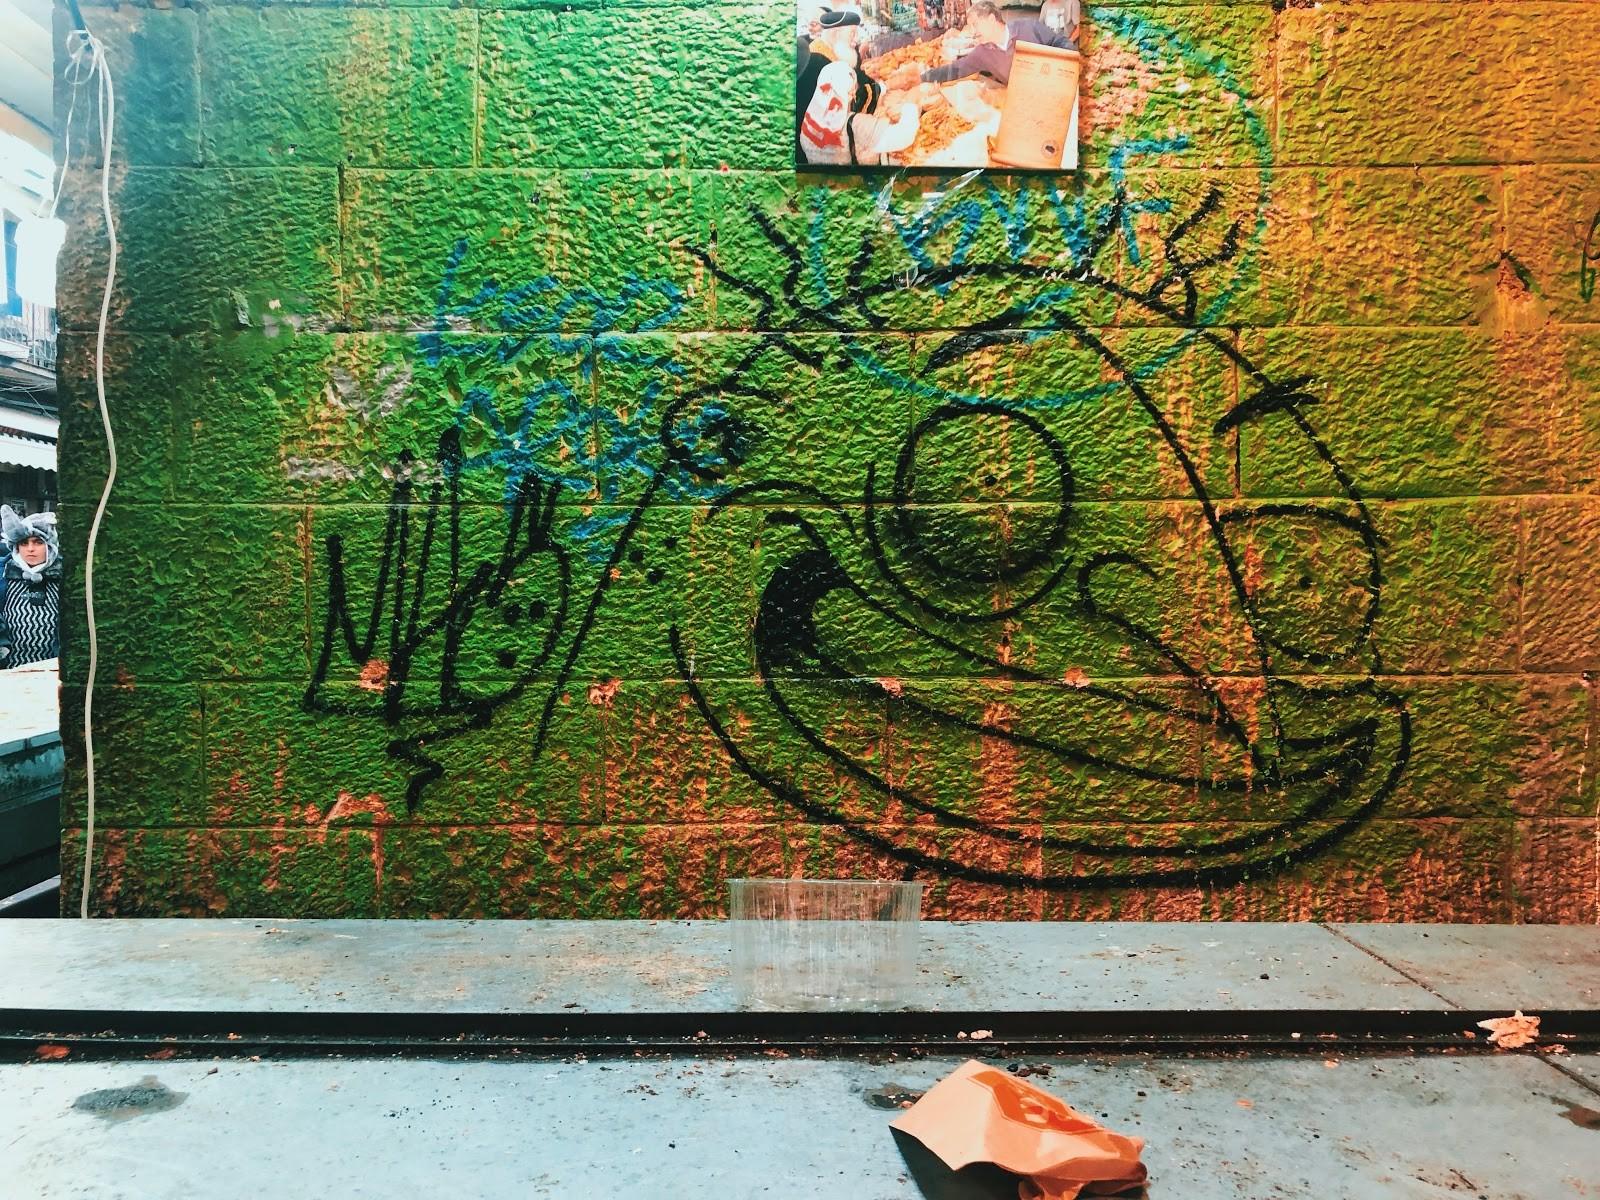 graffiti in the street market in Jerusalem